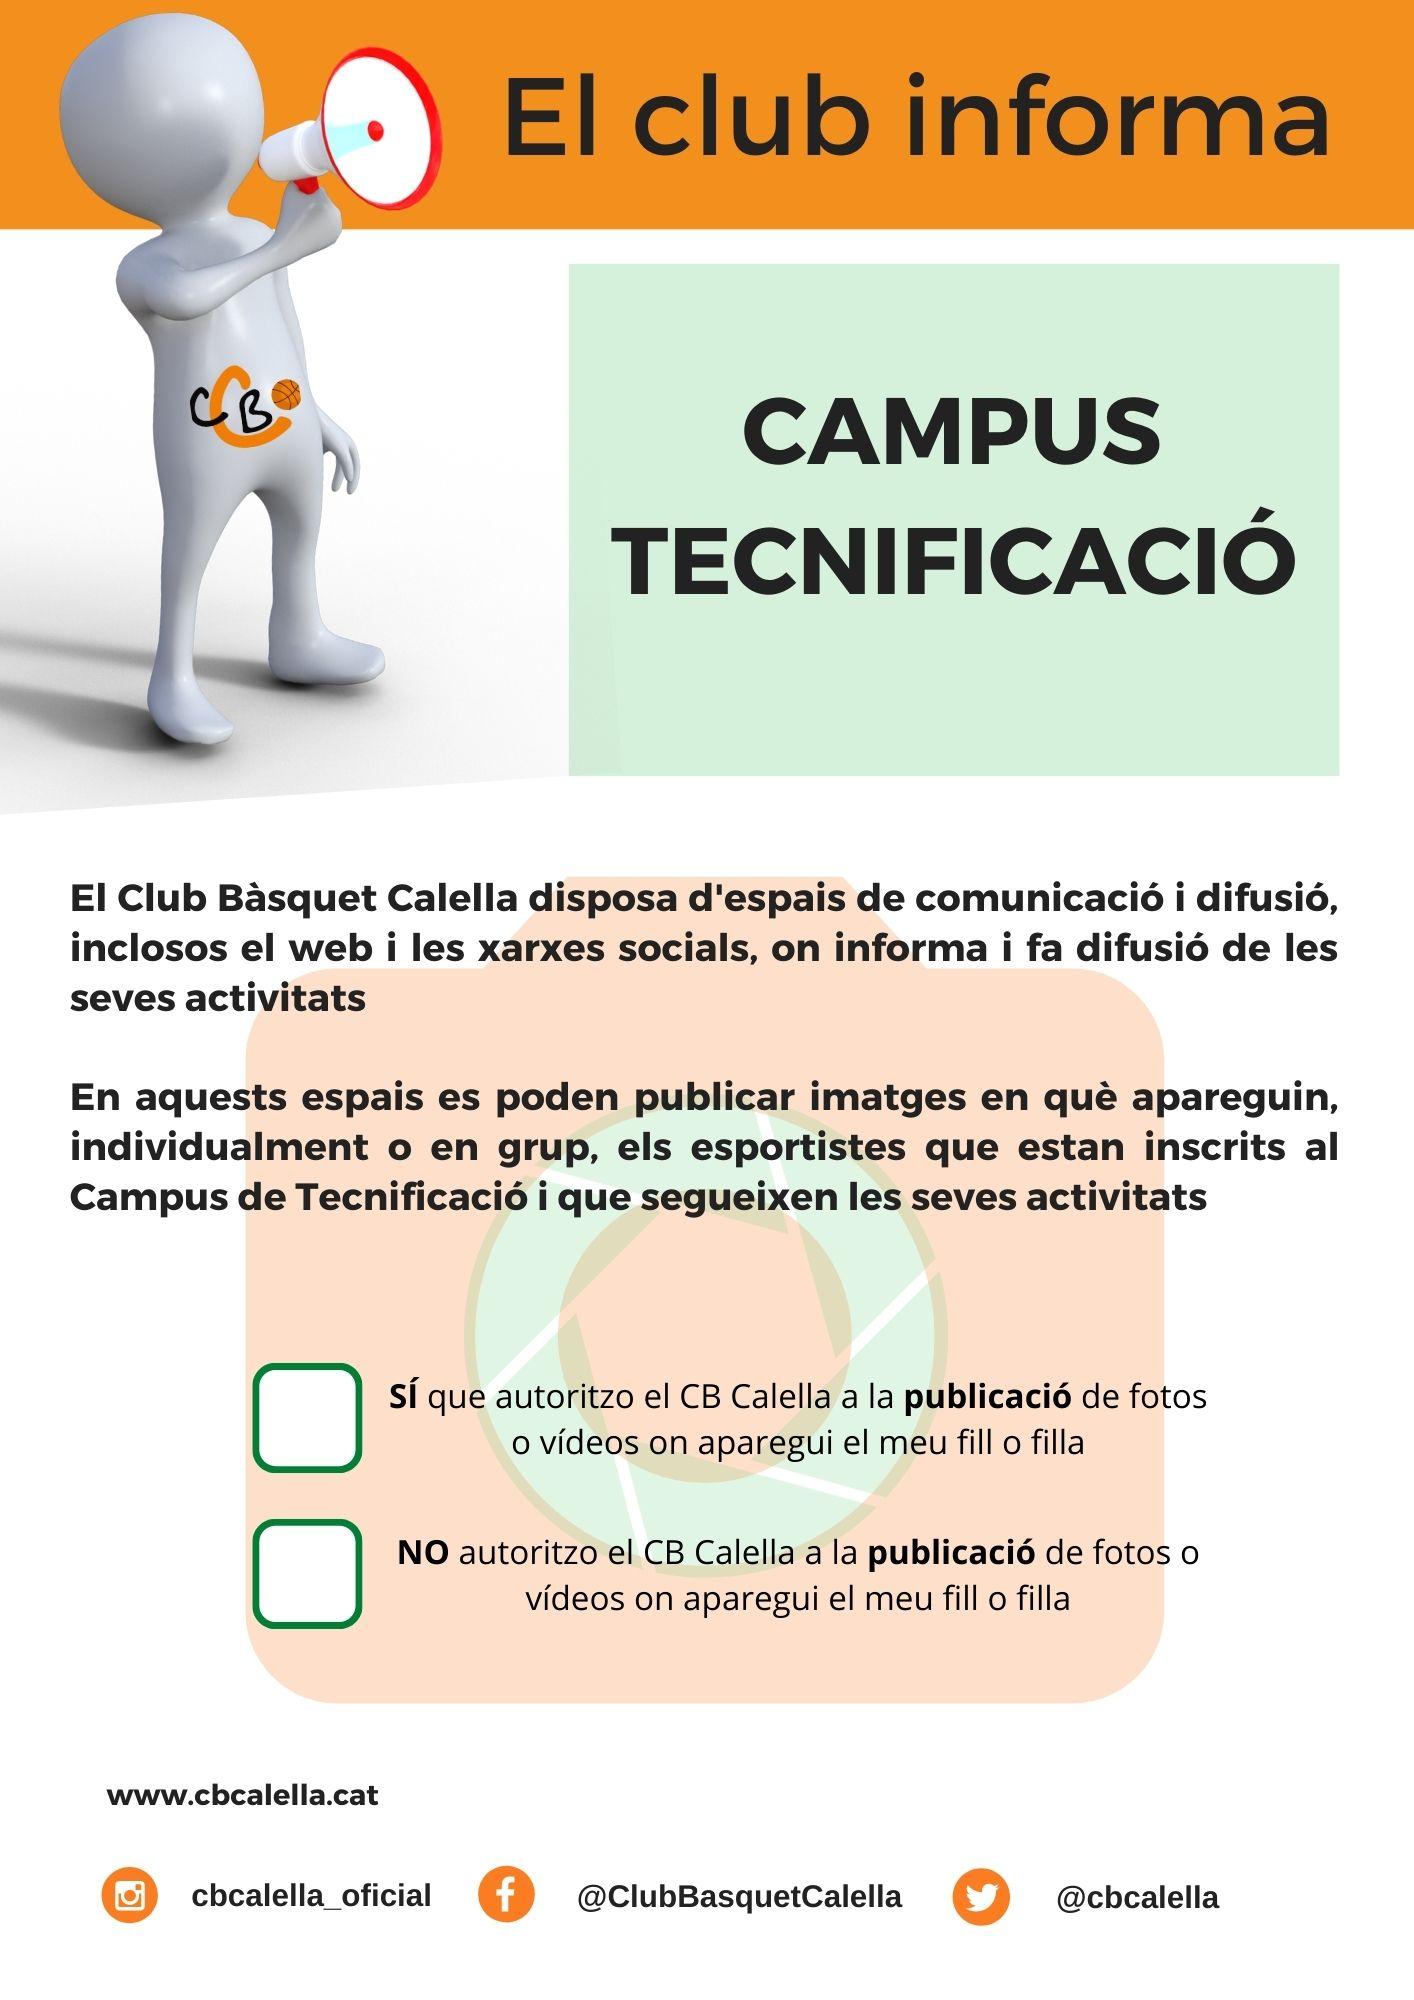 CB Calella - El club informa [11]